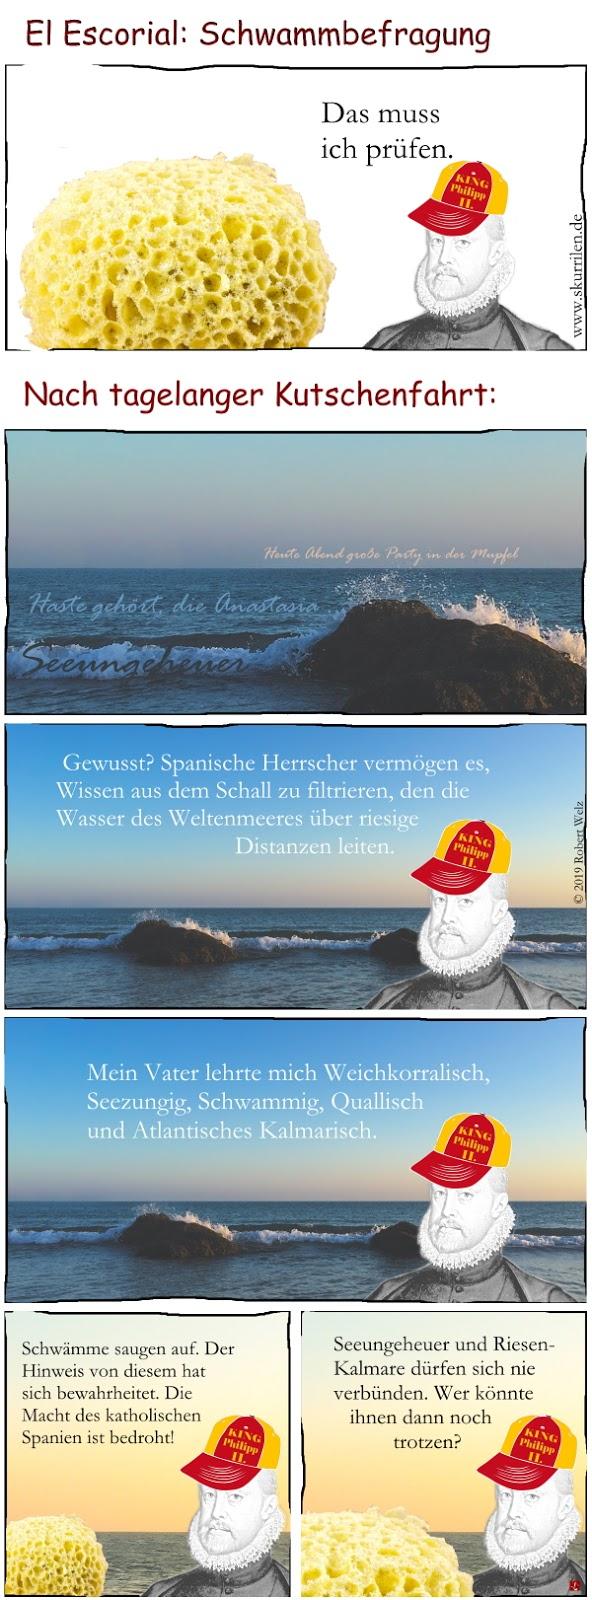 Sprachen des Ozeans, Seeanemonisch, Schwammig, Quallisch, Weichkorralisch, Zuhören, Bündnis, Pakt, Seeungeheuer, Fantasy, Geschichte, Comic, Collage